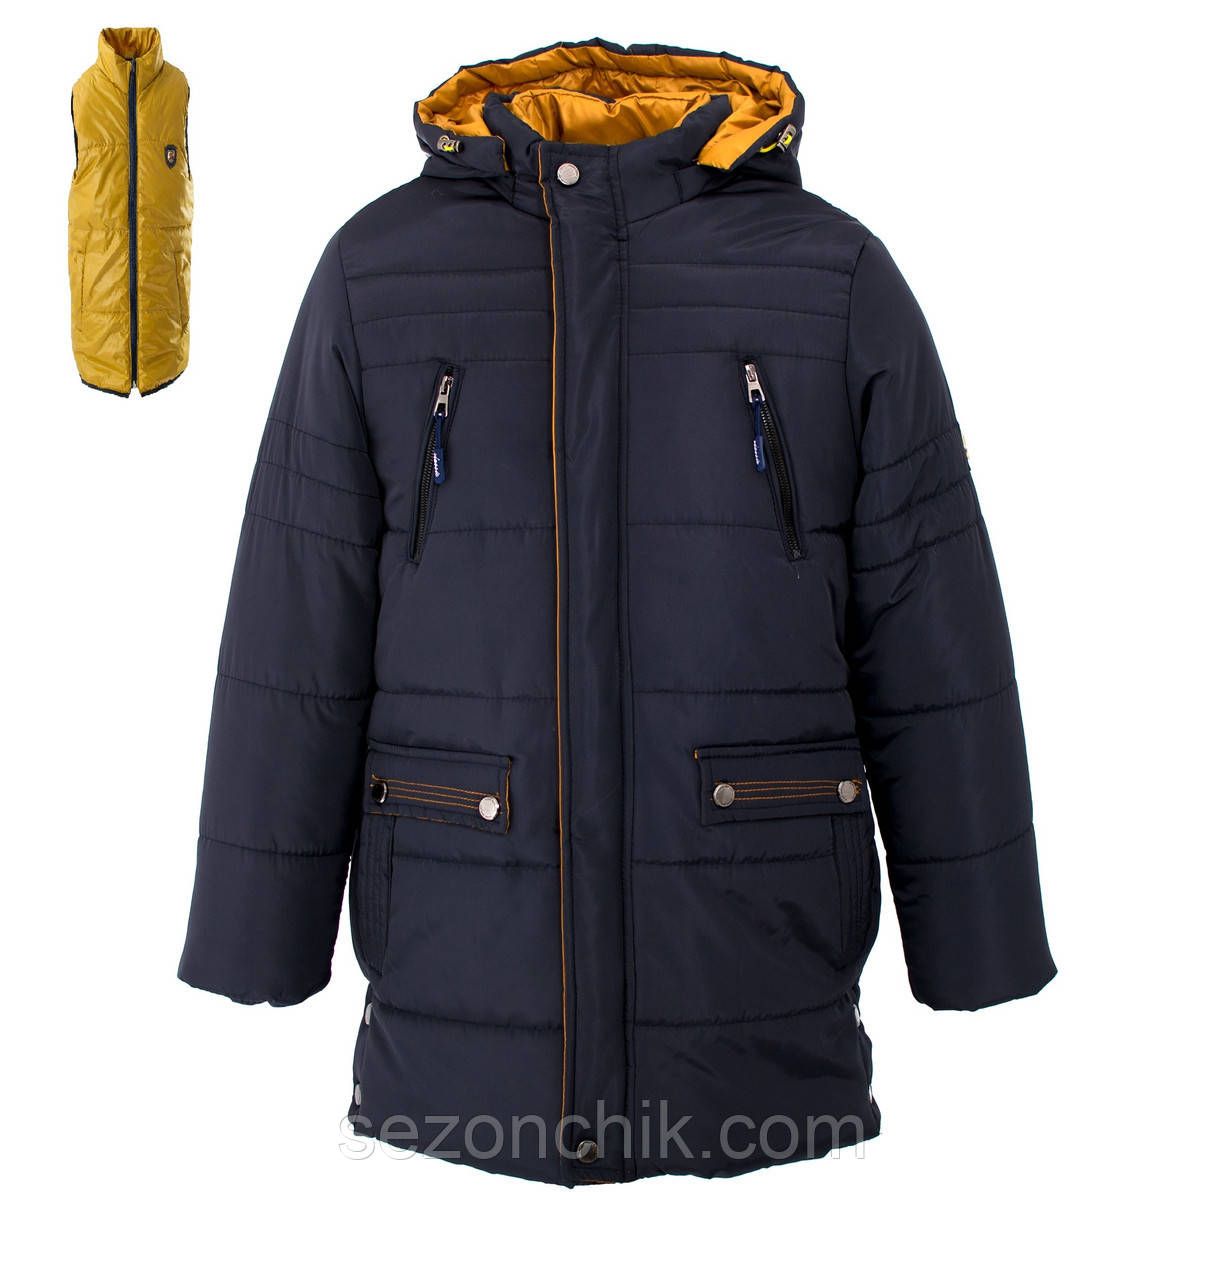 Детская зимняя куртка на мальчика интернет магазин